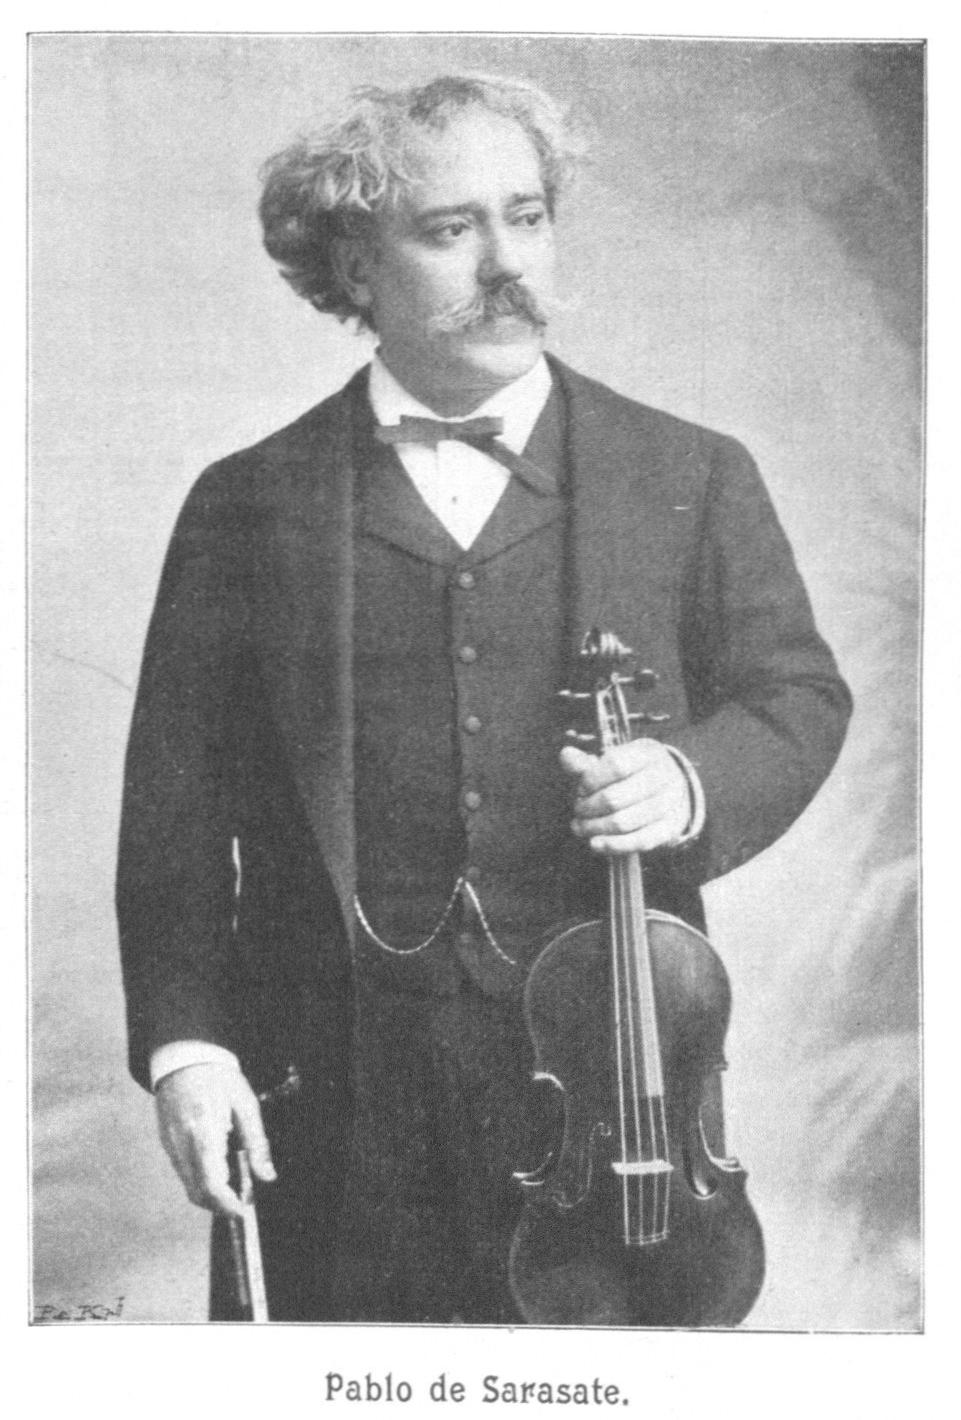 Pablo de Sarasate with violin